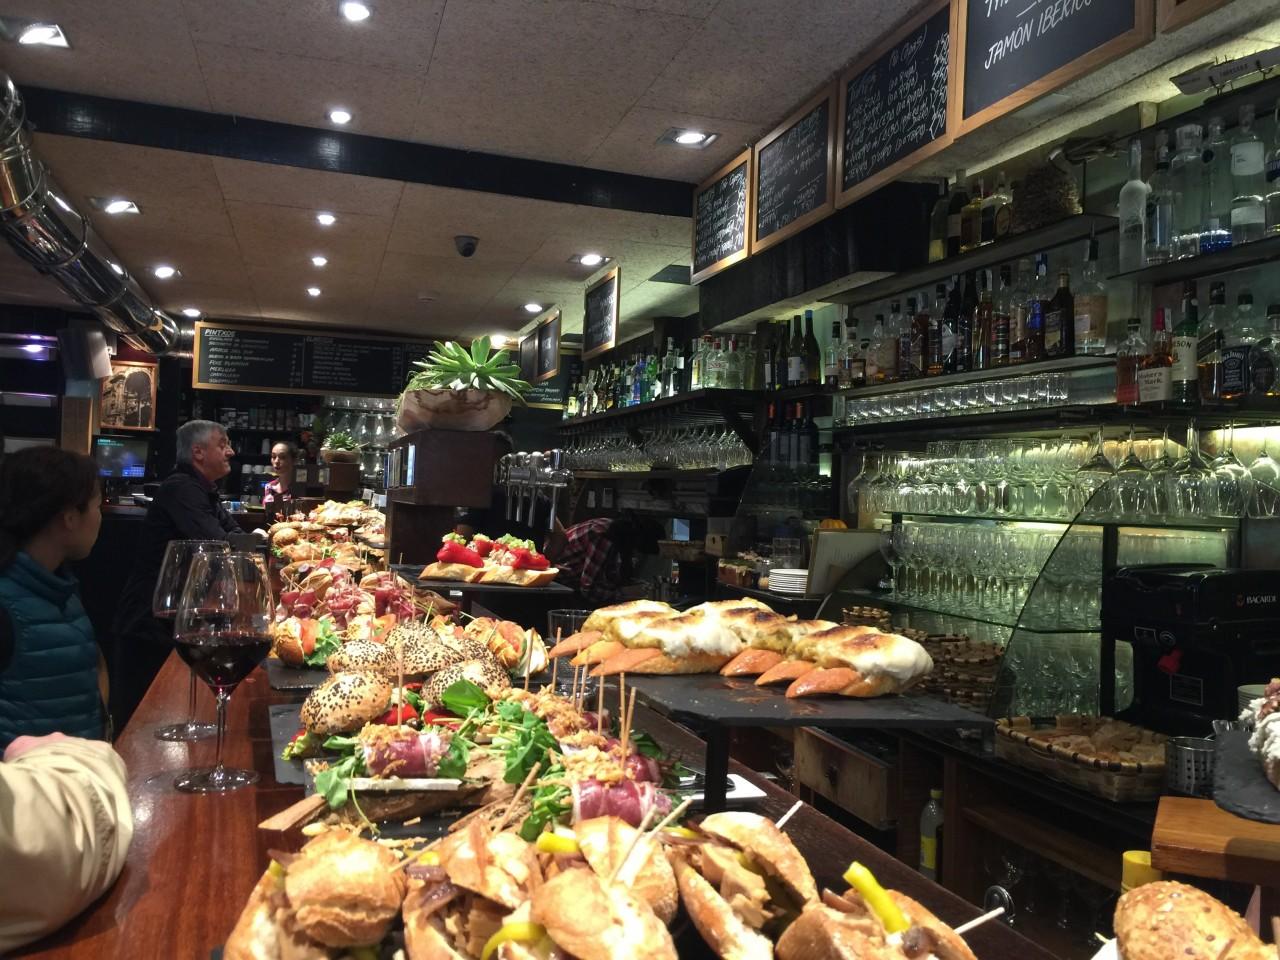 【サンセバスチャン初観光ではずさない】おすすめバル5選〜スペインバスク地方美食の都を旅して〜